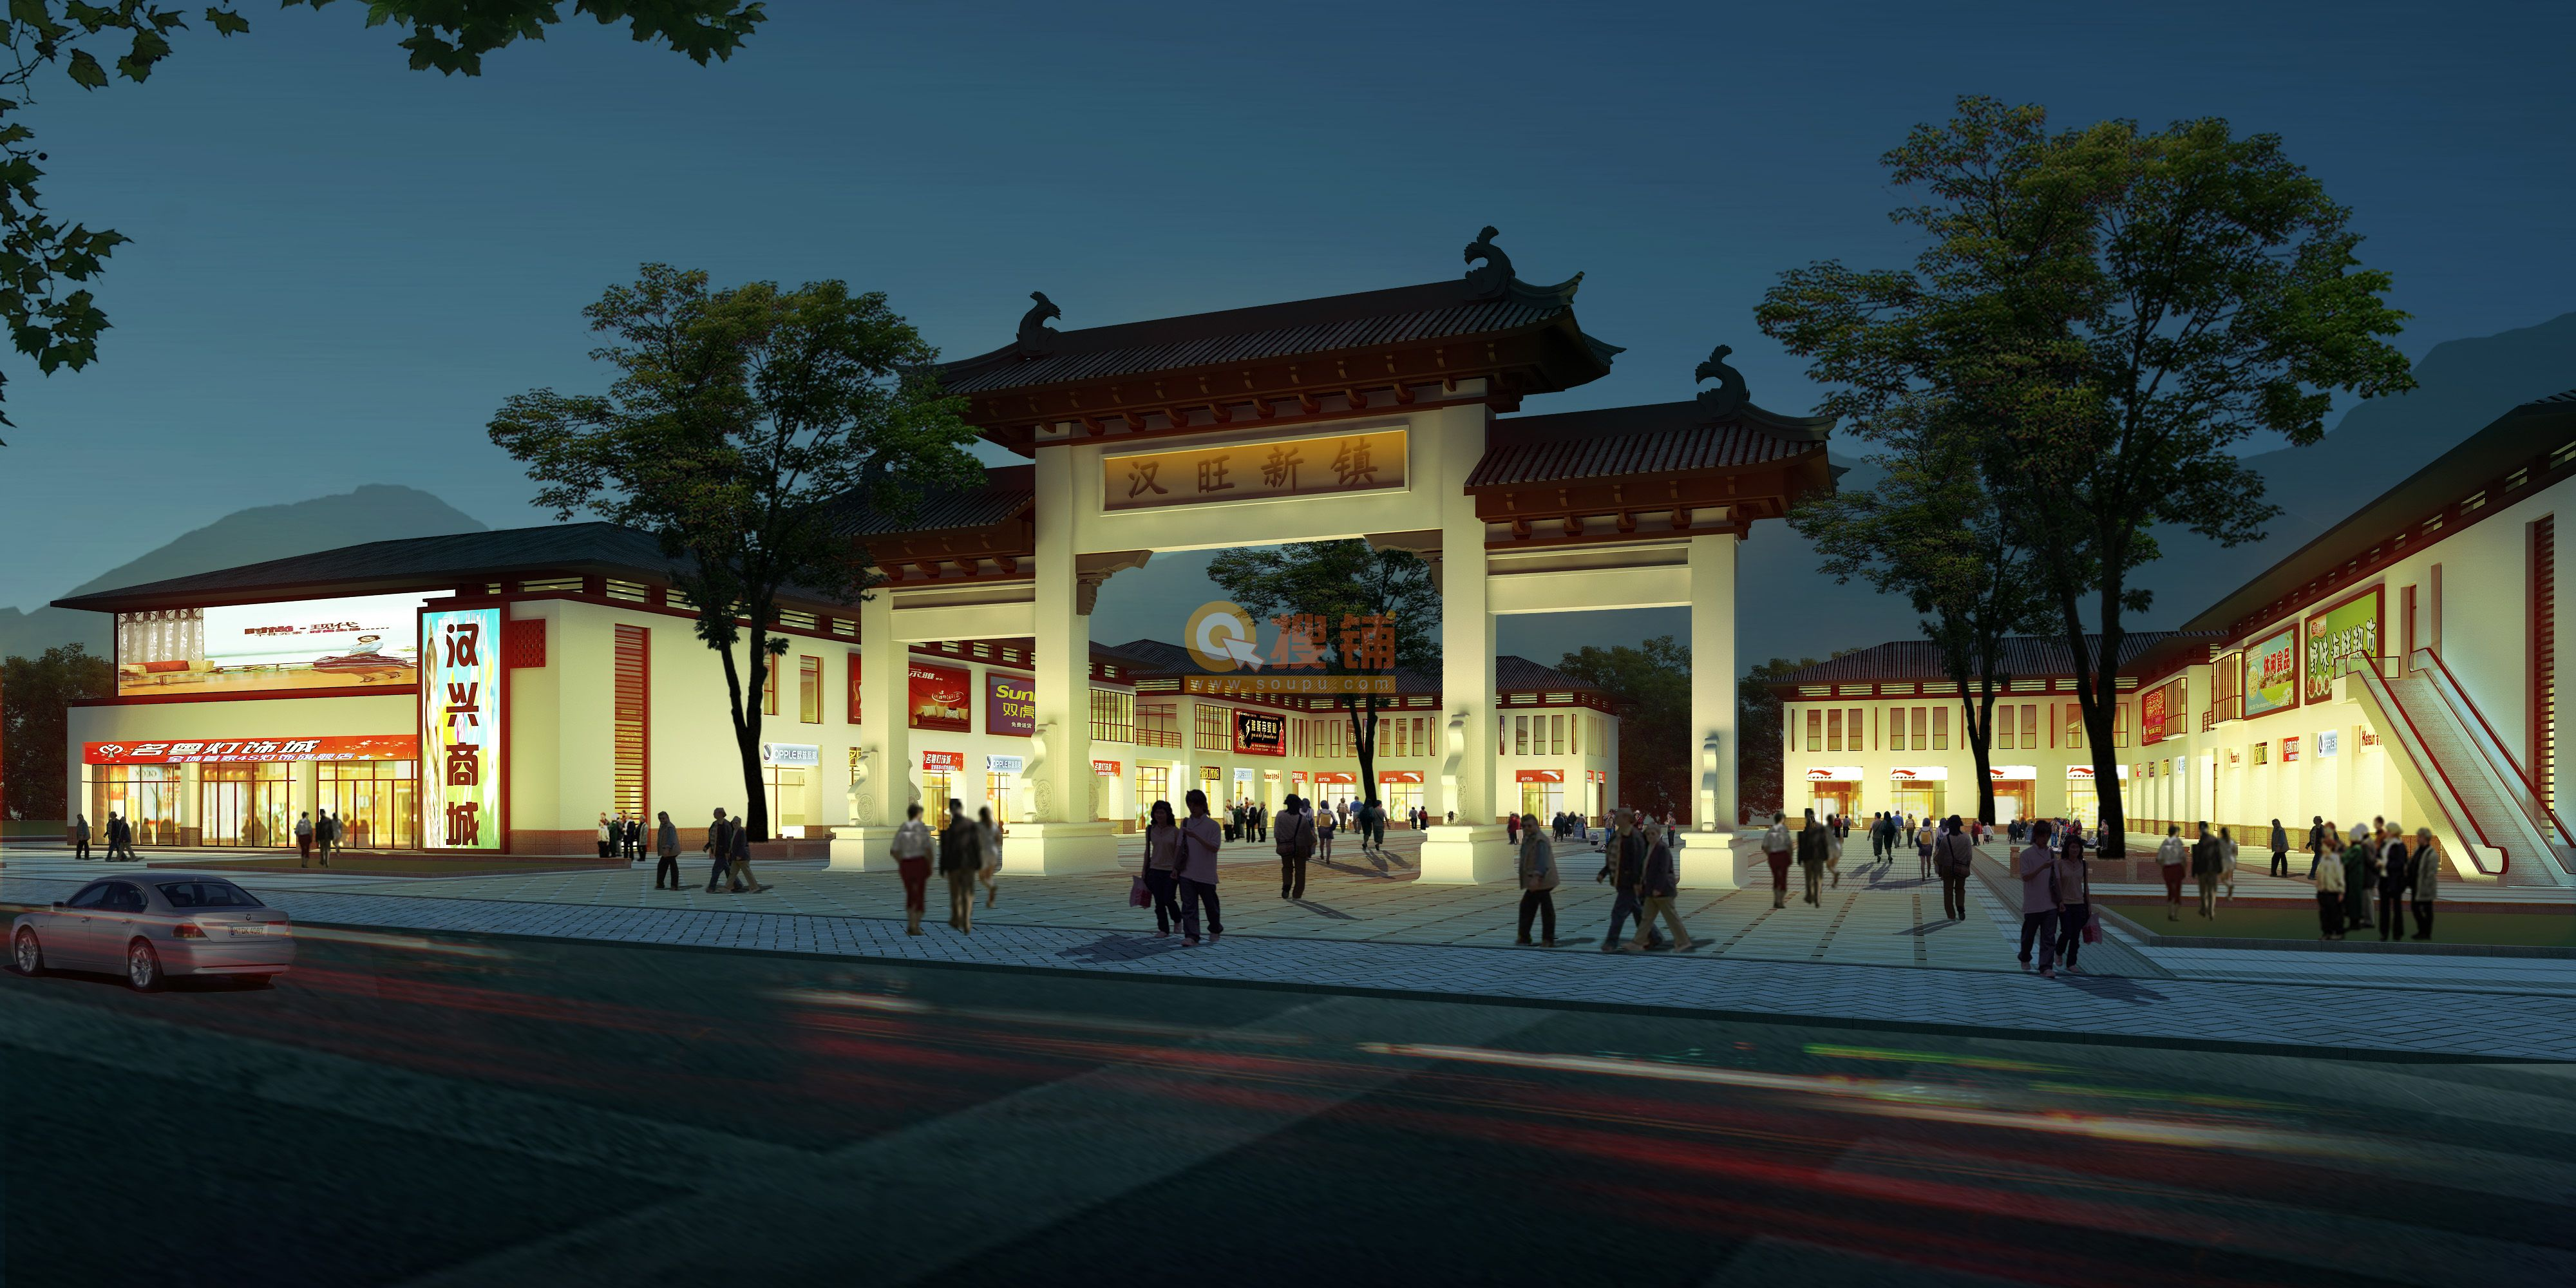 汉旺汉兴商业中心